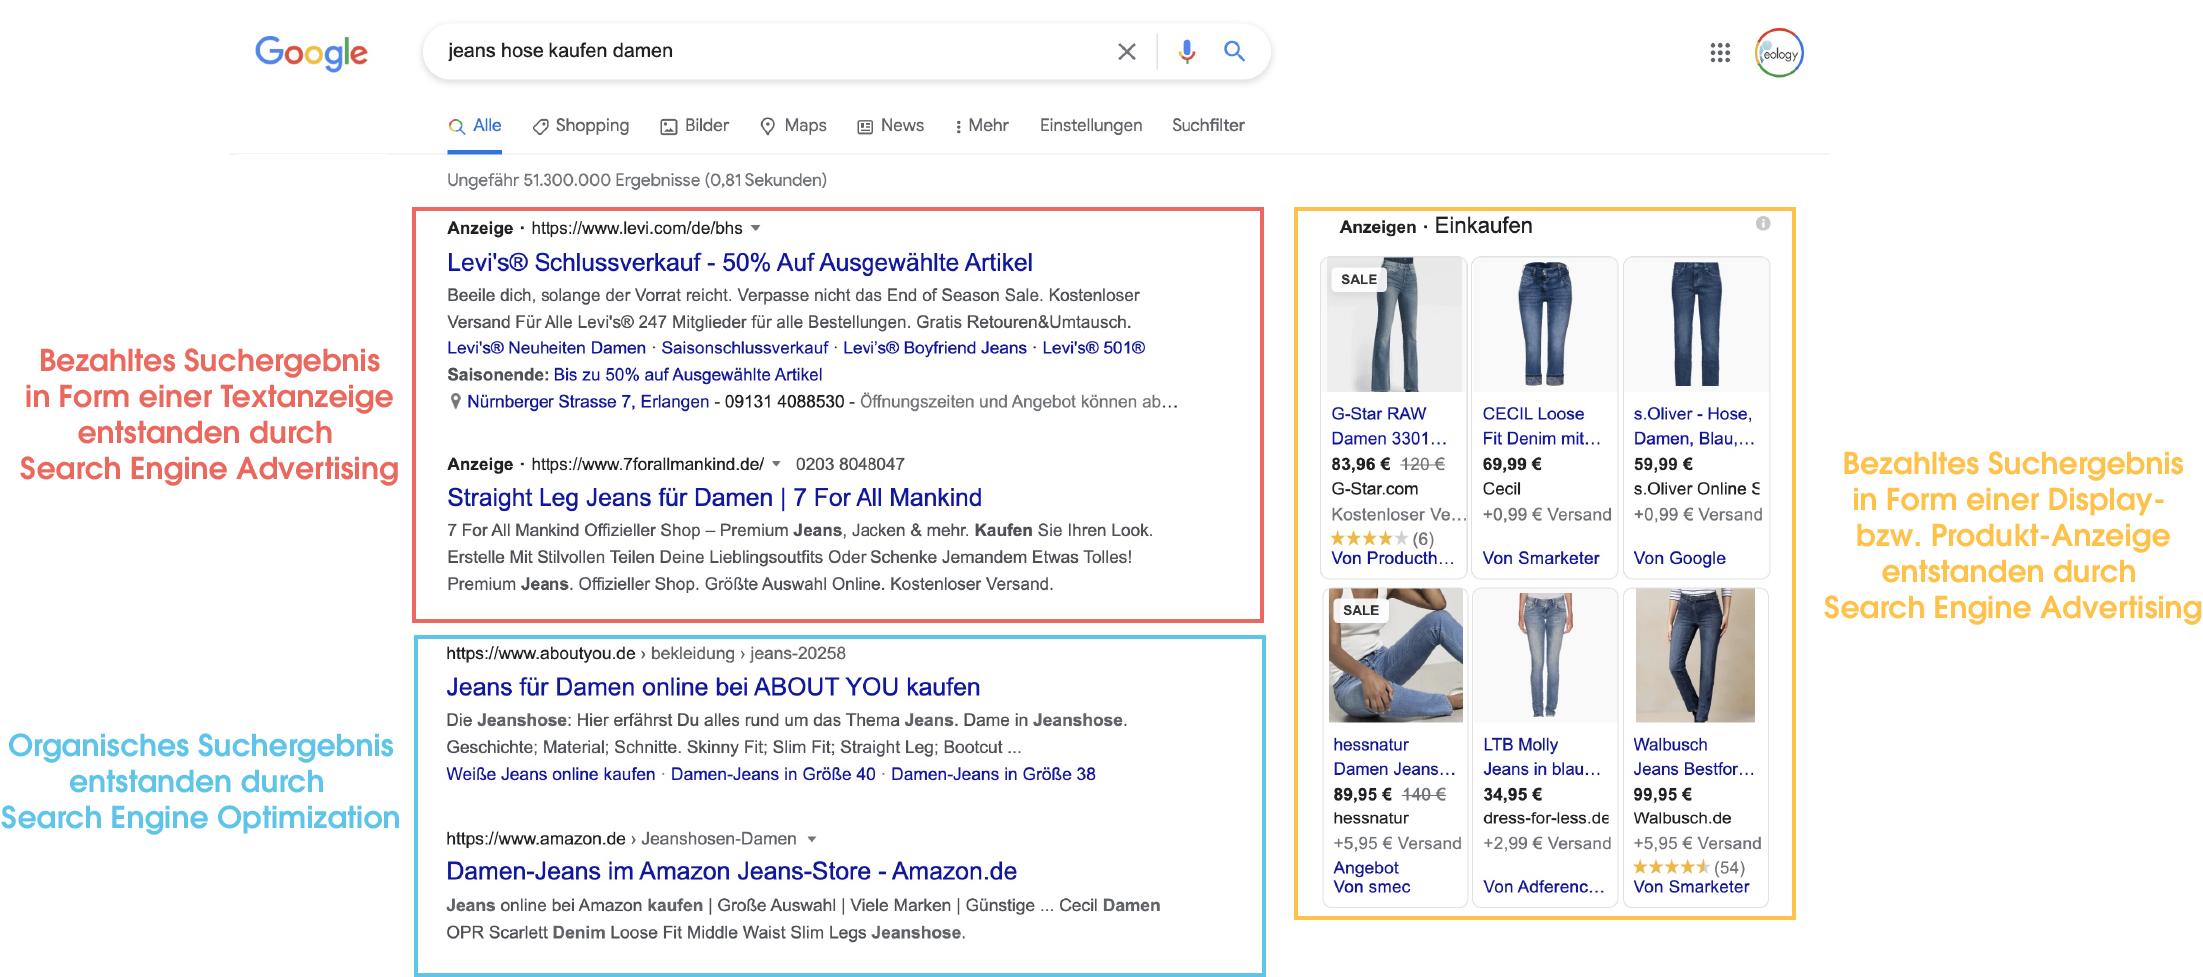 """Das Bild zeigt einen Screenshot der Google Suche zum Keyword """"Jeans Hose kaufen Damen"""". Hierbei werden sowohl Text- (rot markiert) als auch Produktanzeigen (orange markiert) ausgespielt, welche jeweils oberhalb bzw. neben den organischen Suchergebnissen (blau markiert) angezeigt werden."""